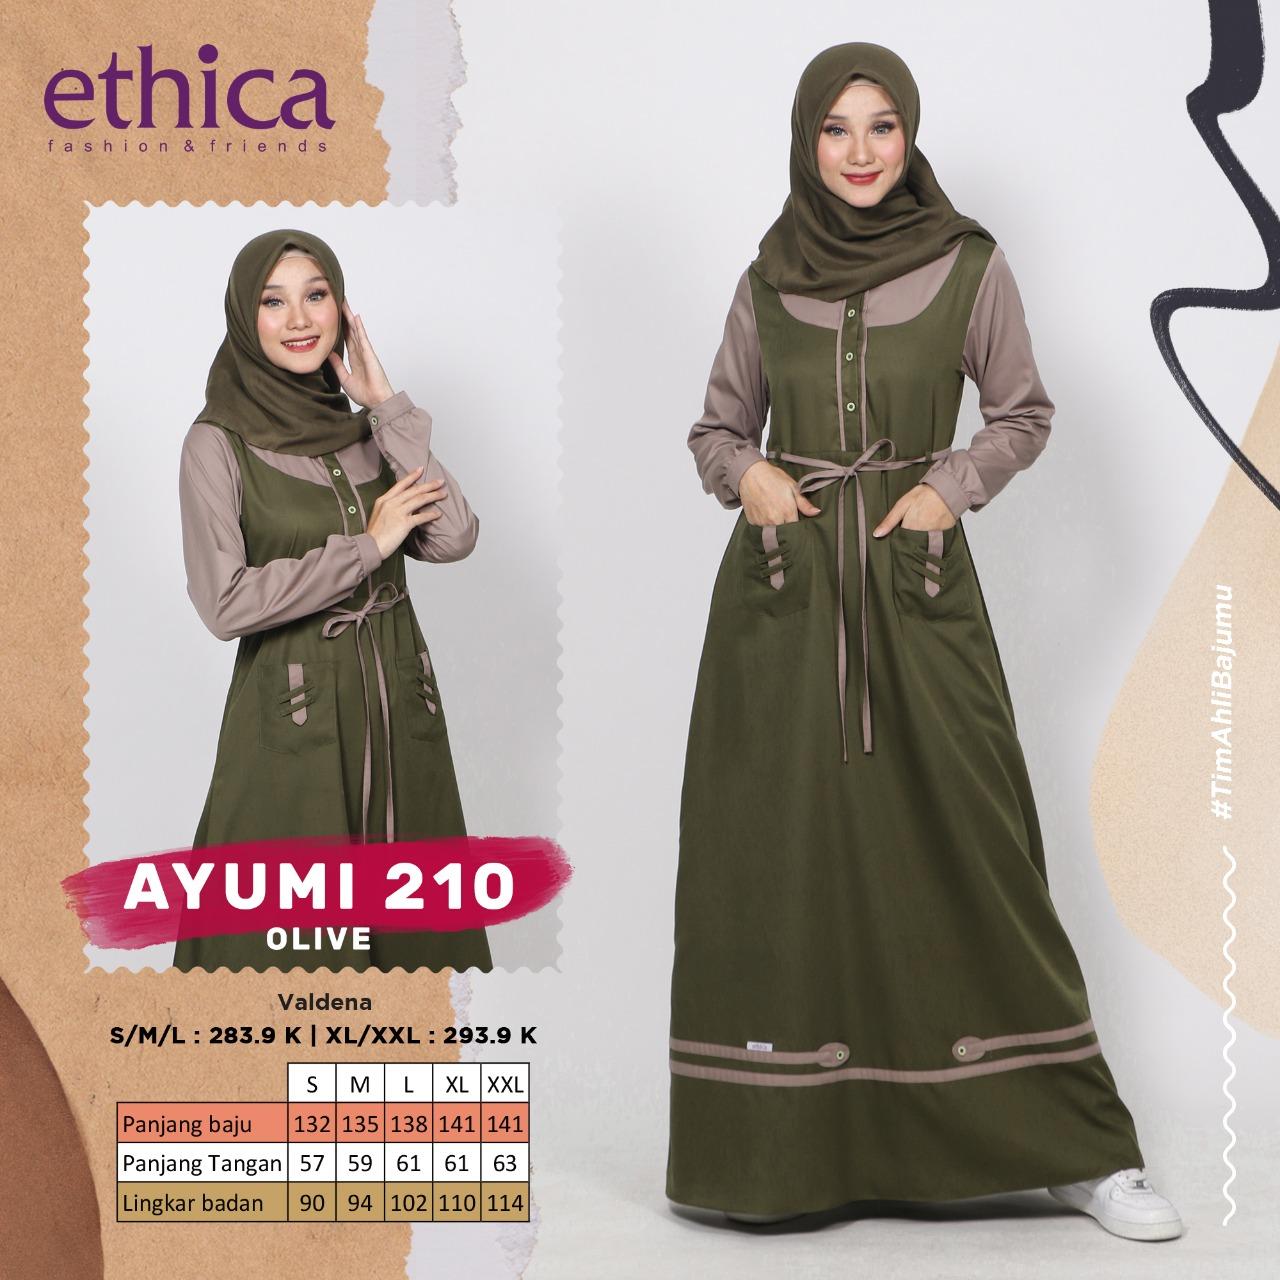 Gamis Ethica Ayumi 210 Olive Membeli Jualan Online Baju Muslim Jumpsuit Dengan Harga Murah Lazada Indonesia